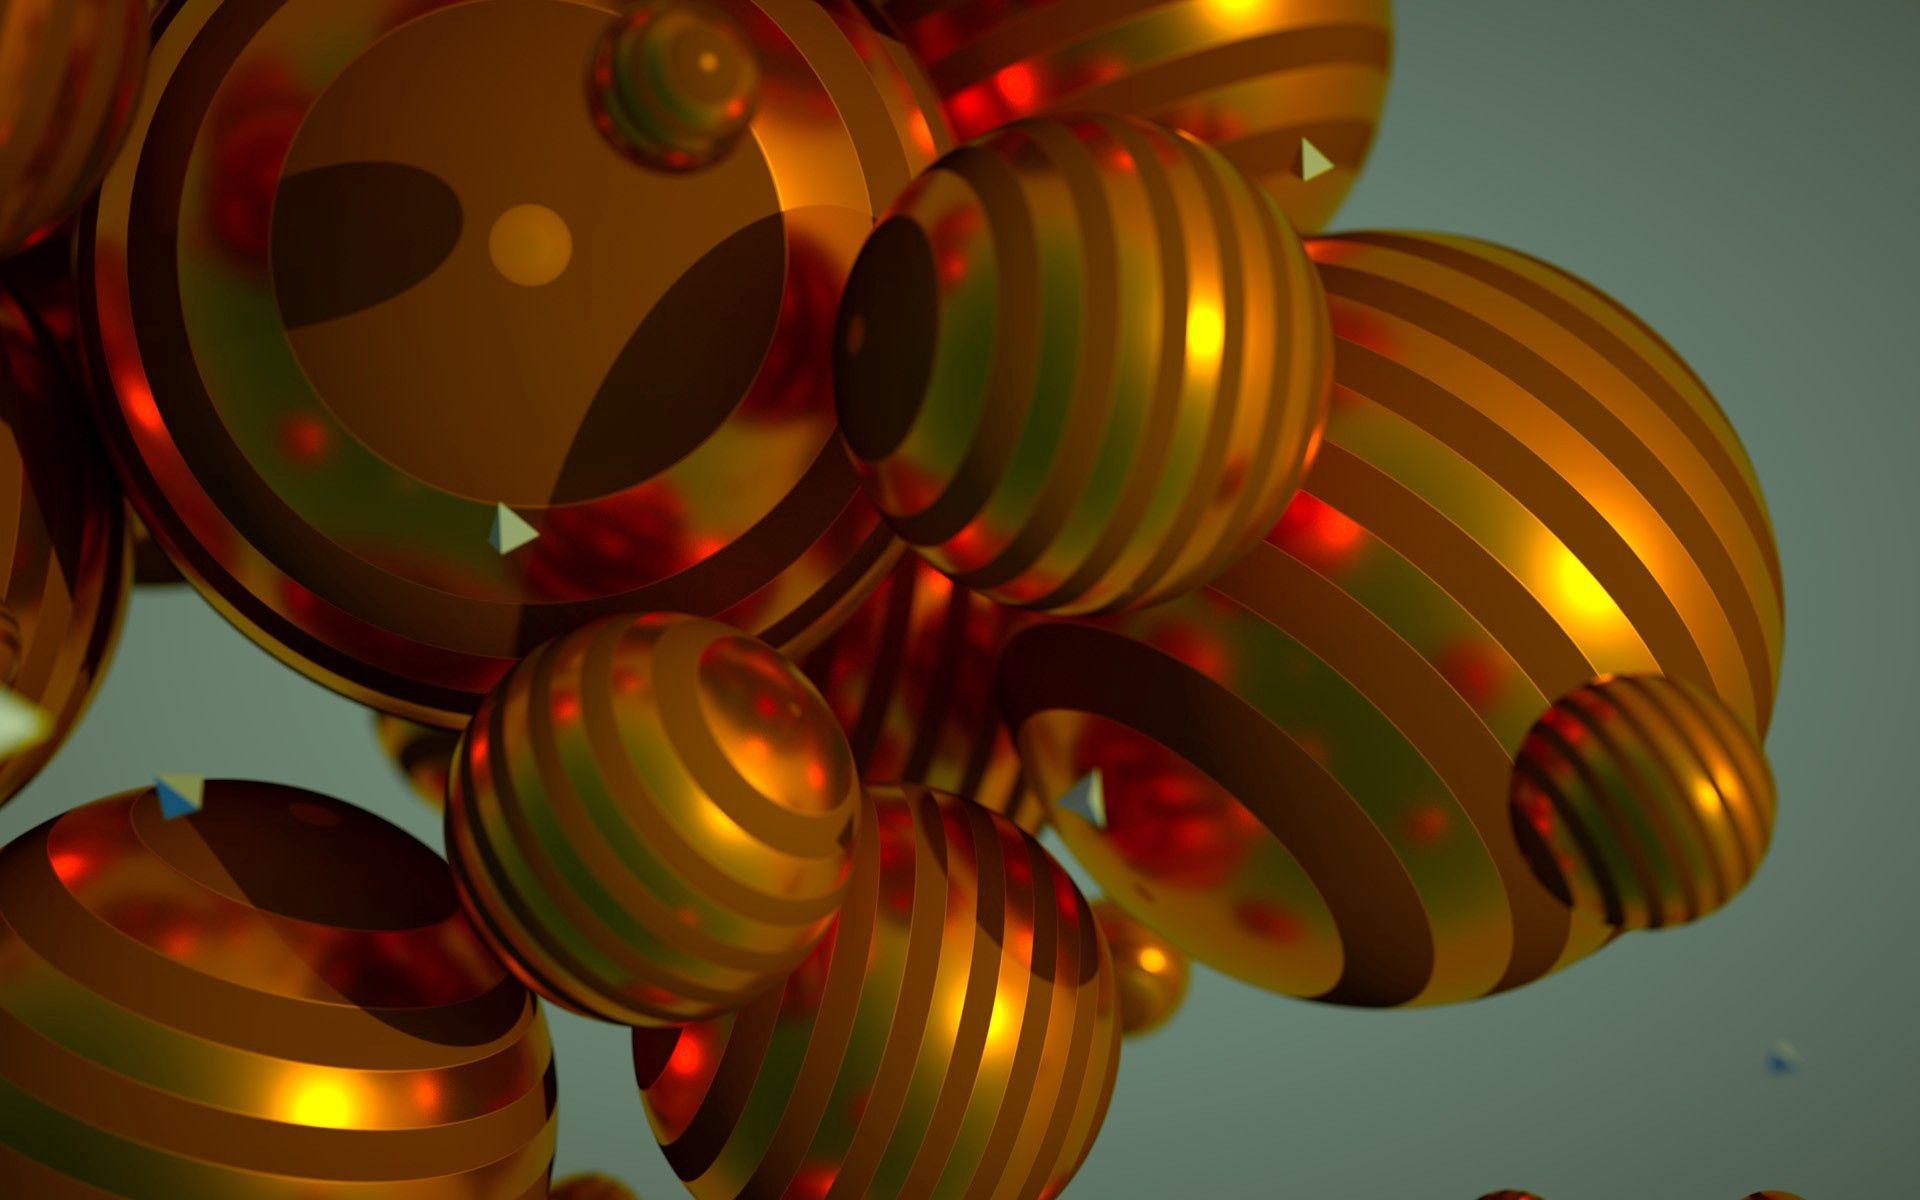 72528 Hintergrundbild herunterladen Kreise, 3D, Gestreift, Flug, Bälle, Abmessungen (Bearbeiten), Dimension - Bildschirmschoner und Bilder kostenlos